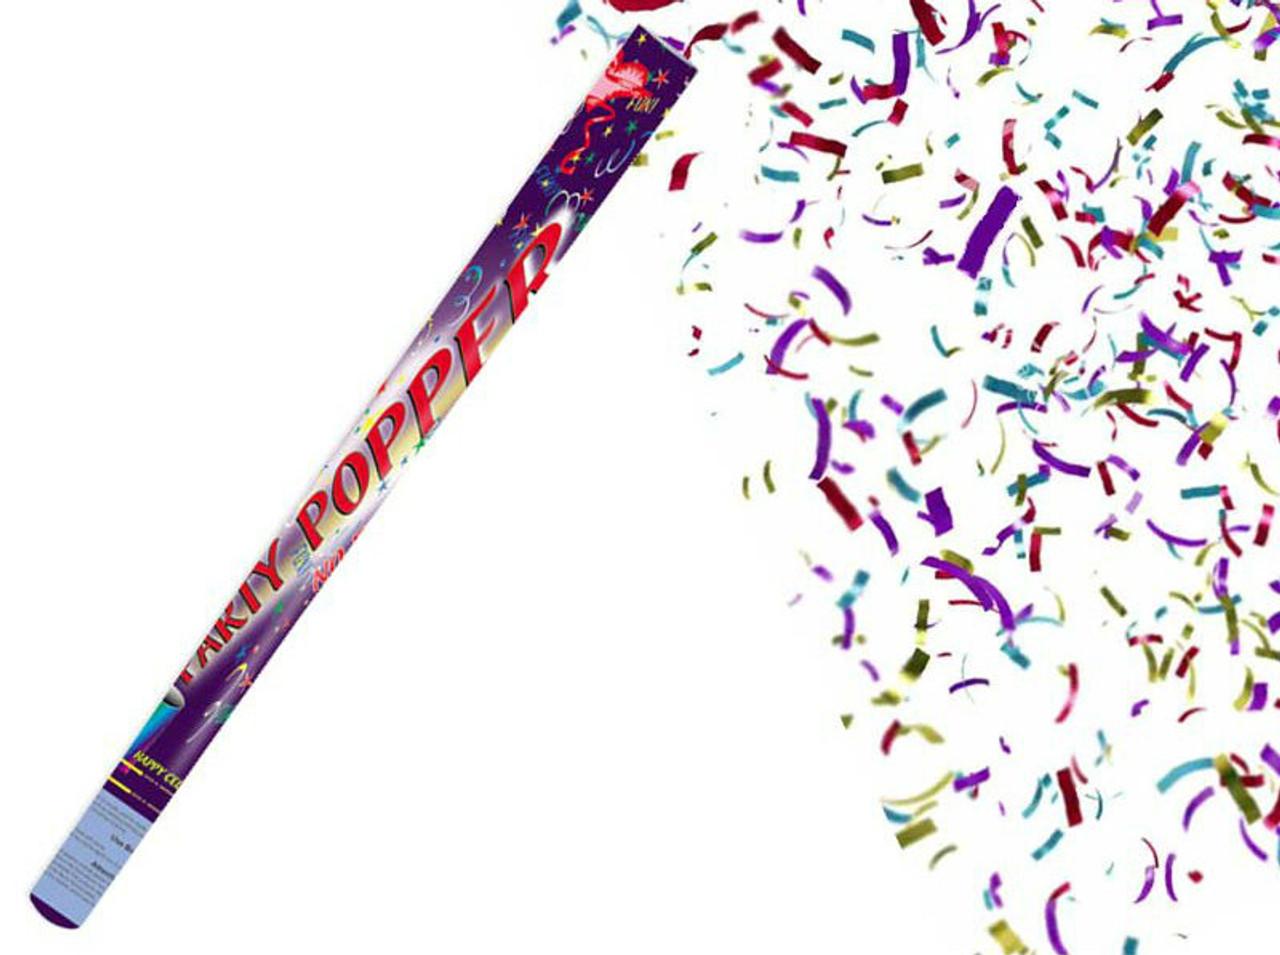 nightlife supplier confetti cannon 40 inches